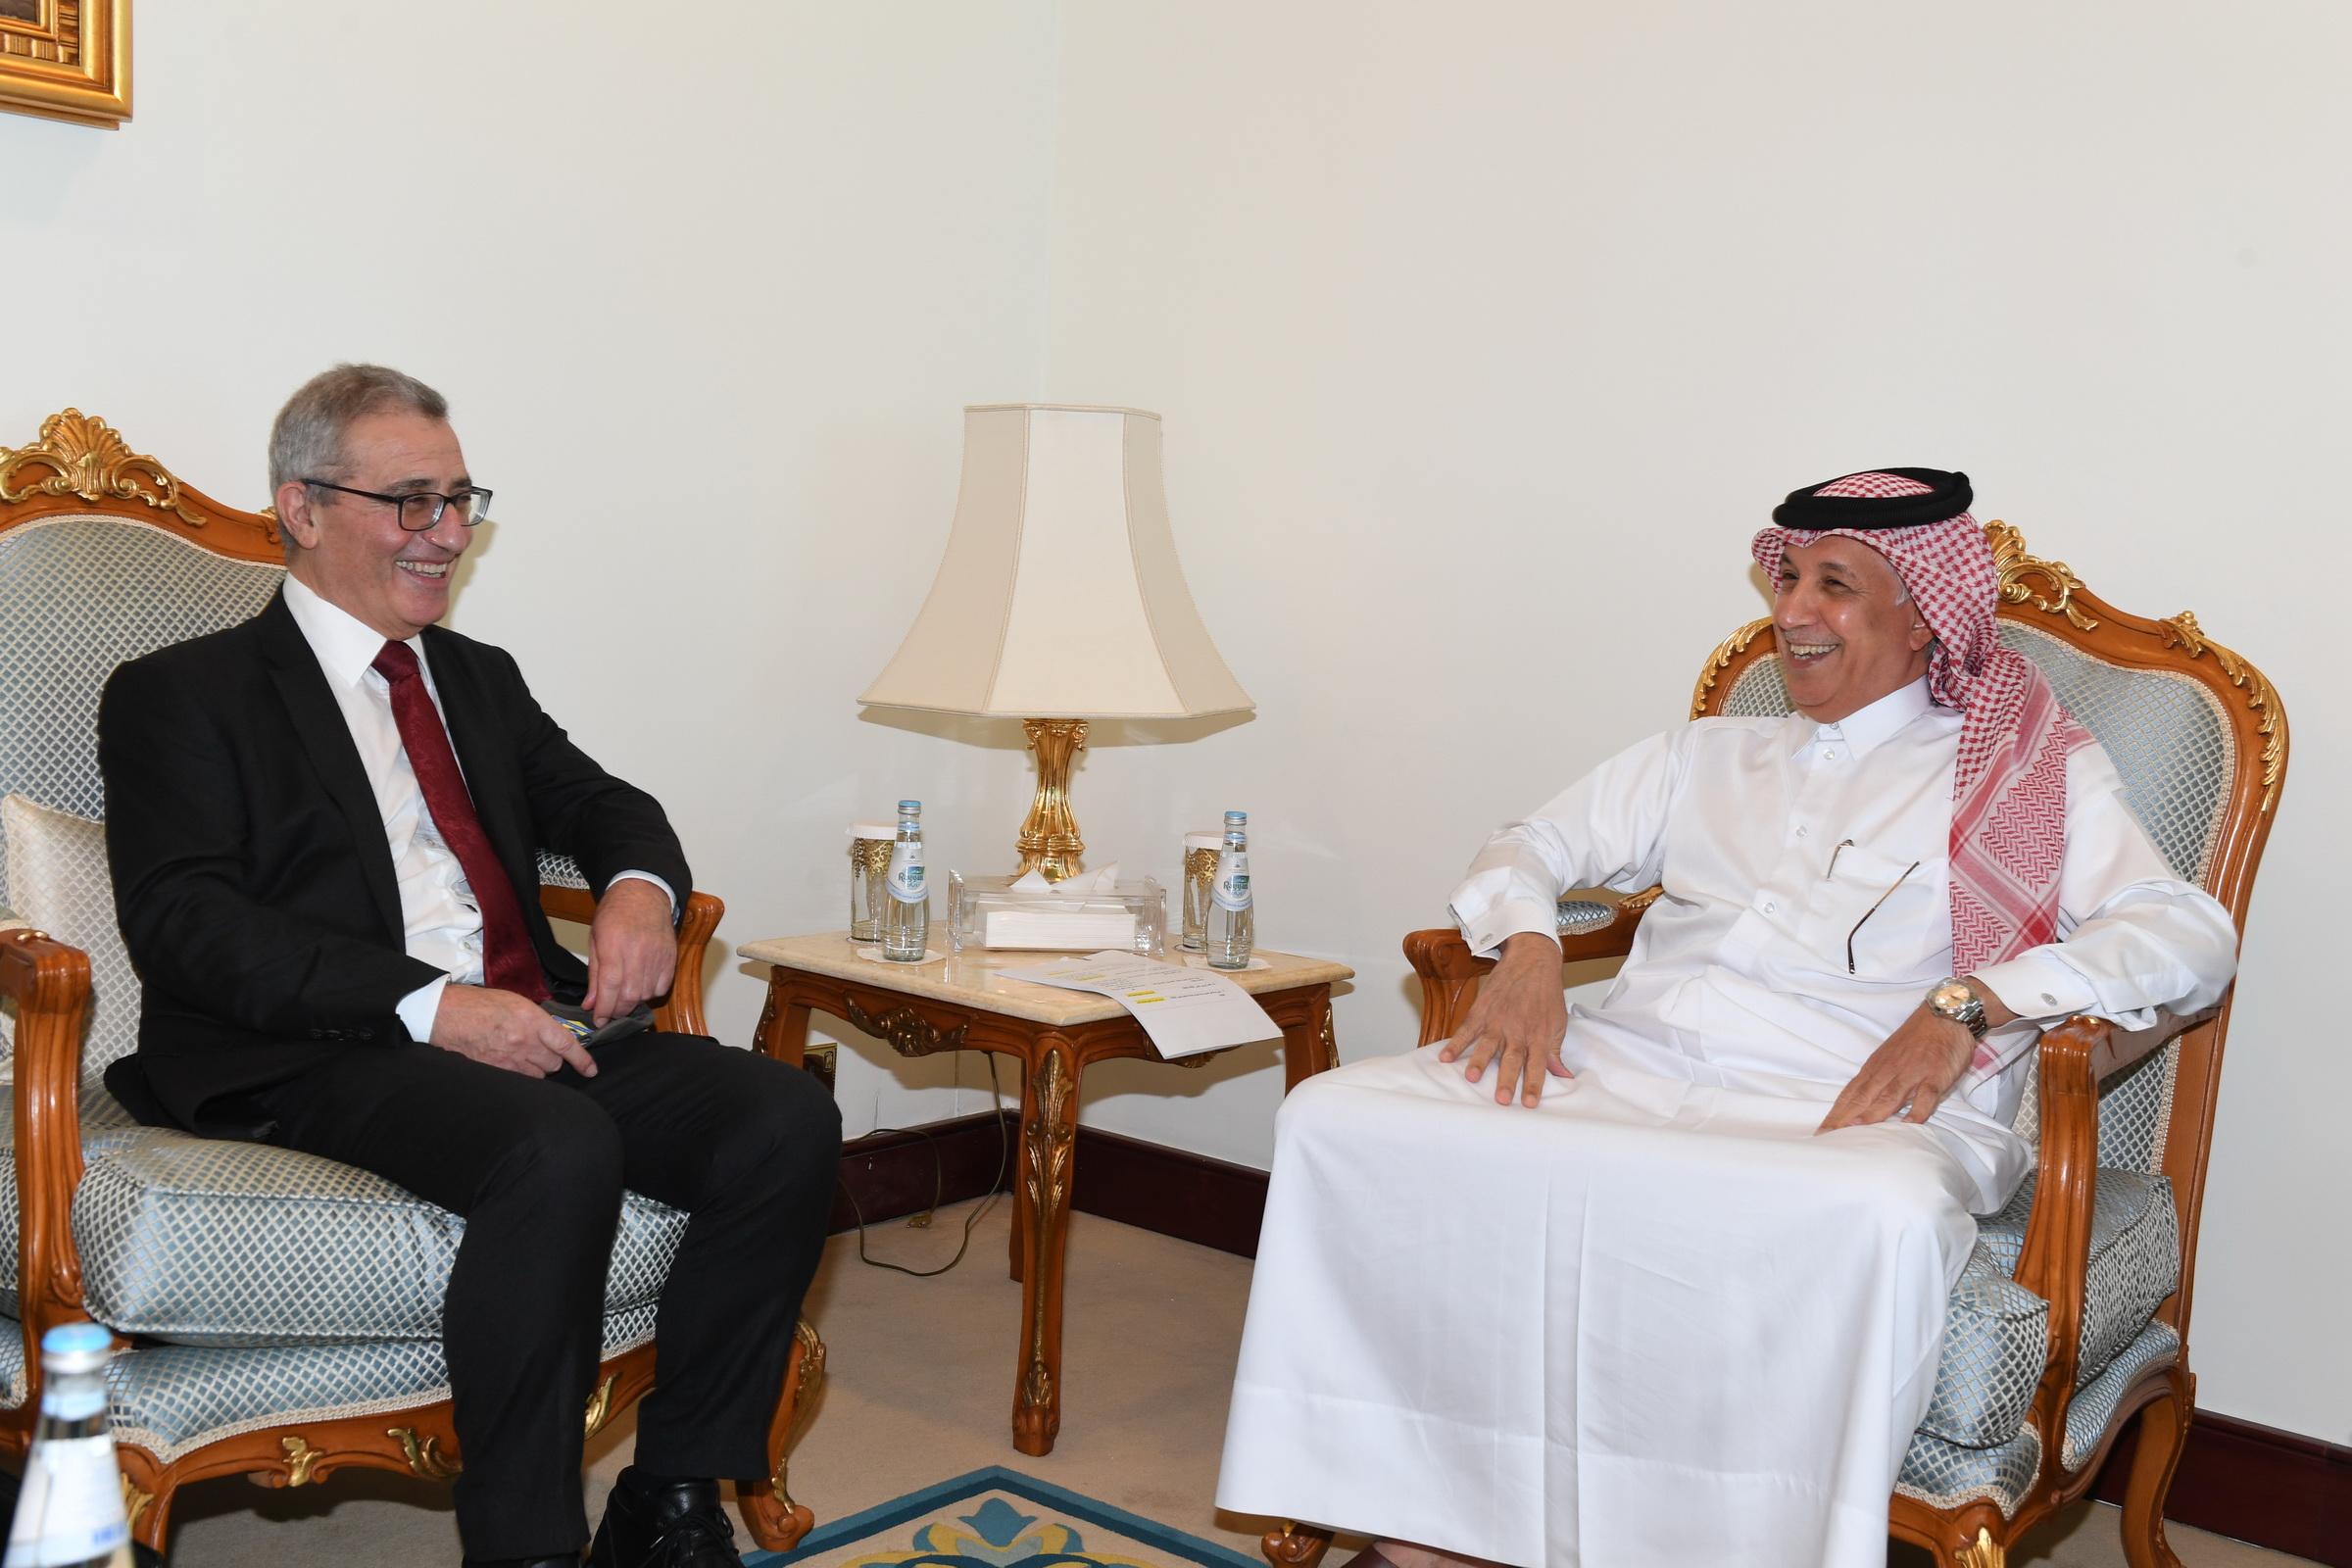 وزير الدولة للشؤون الخارجية يجتمع مع وزير الشؤون الخارجية والأوروبية في مالطا